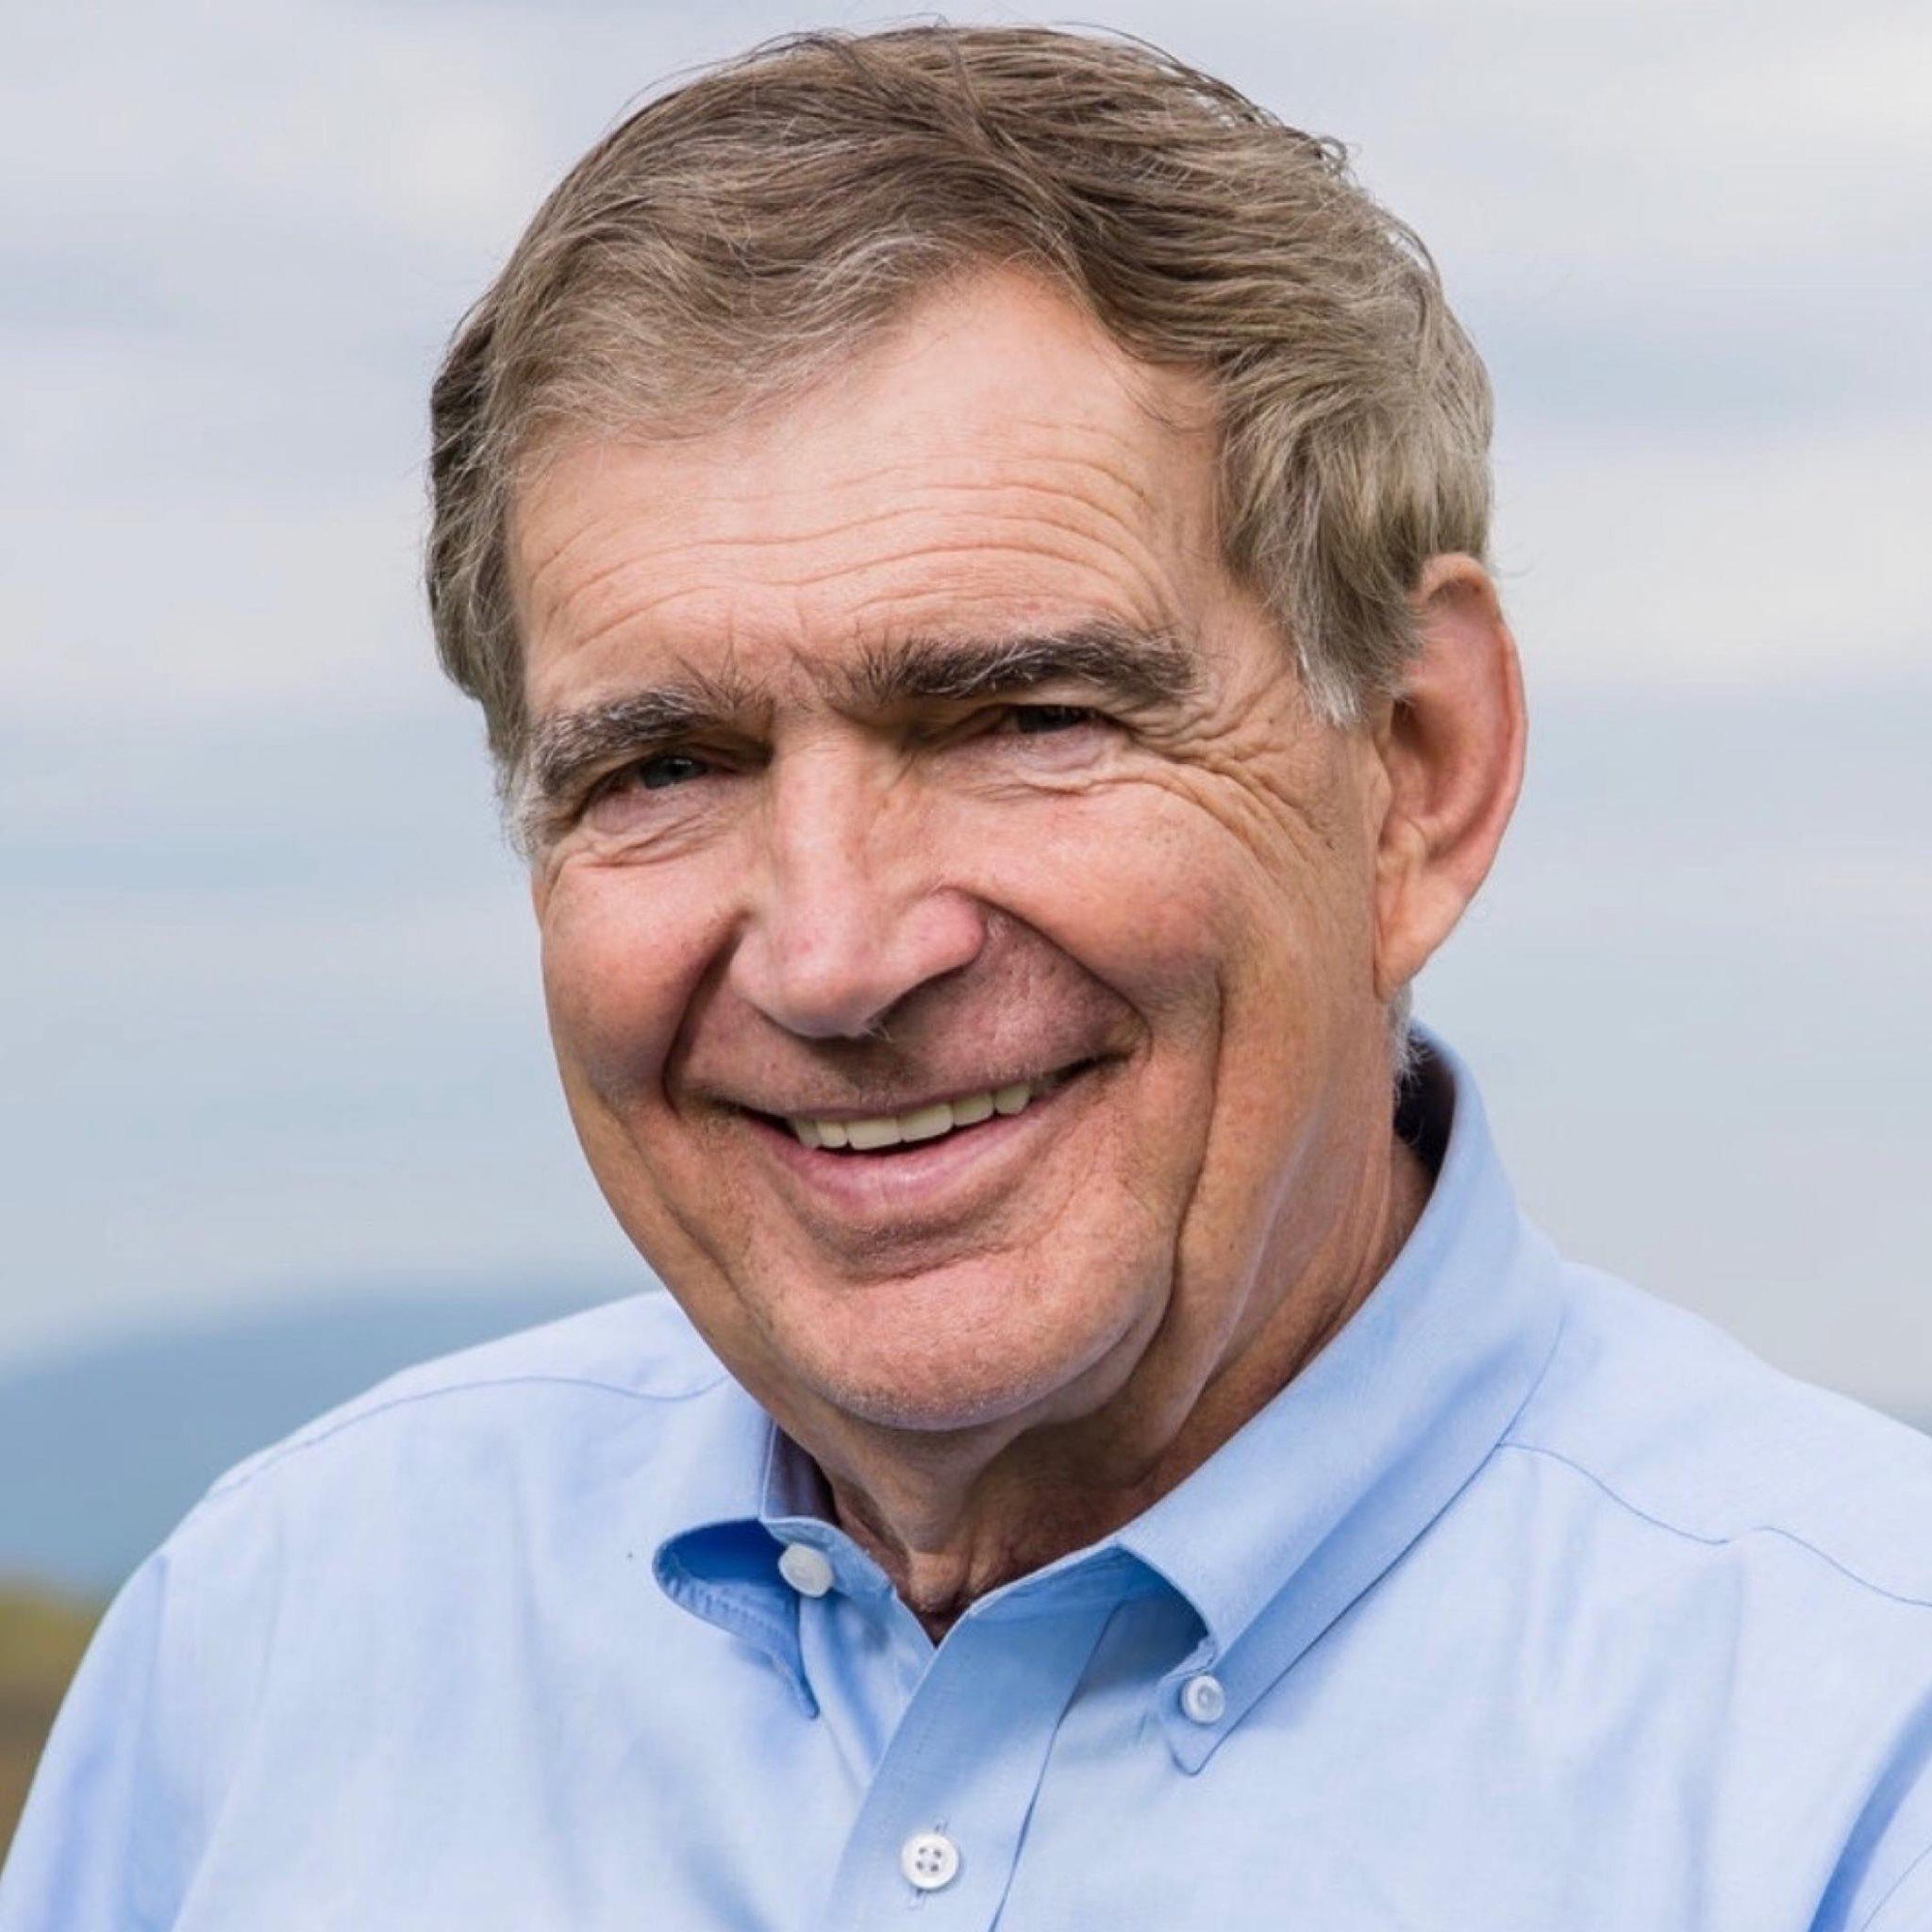 Emmett Hanger, State Senator, Virginia